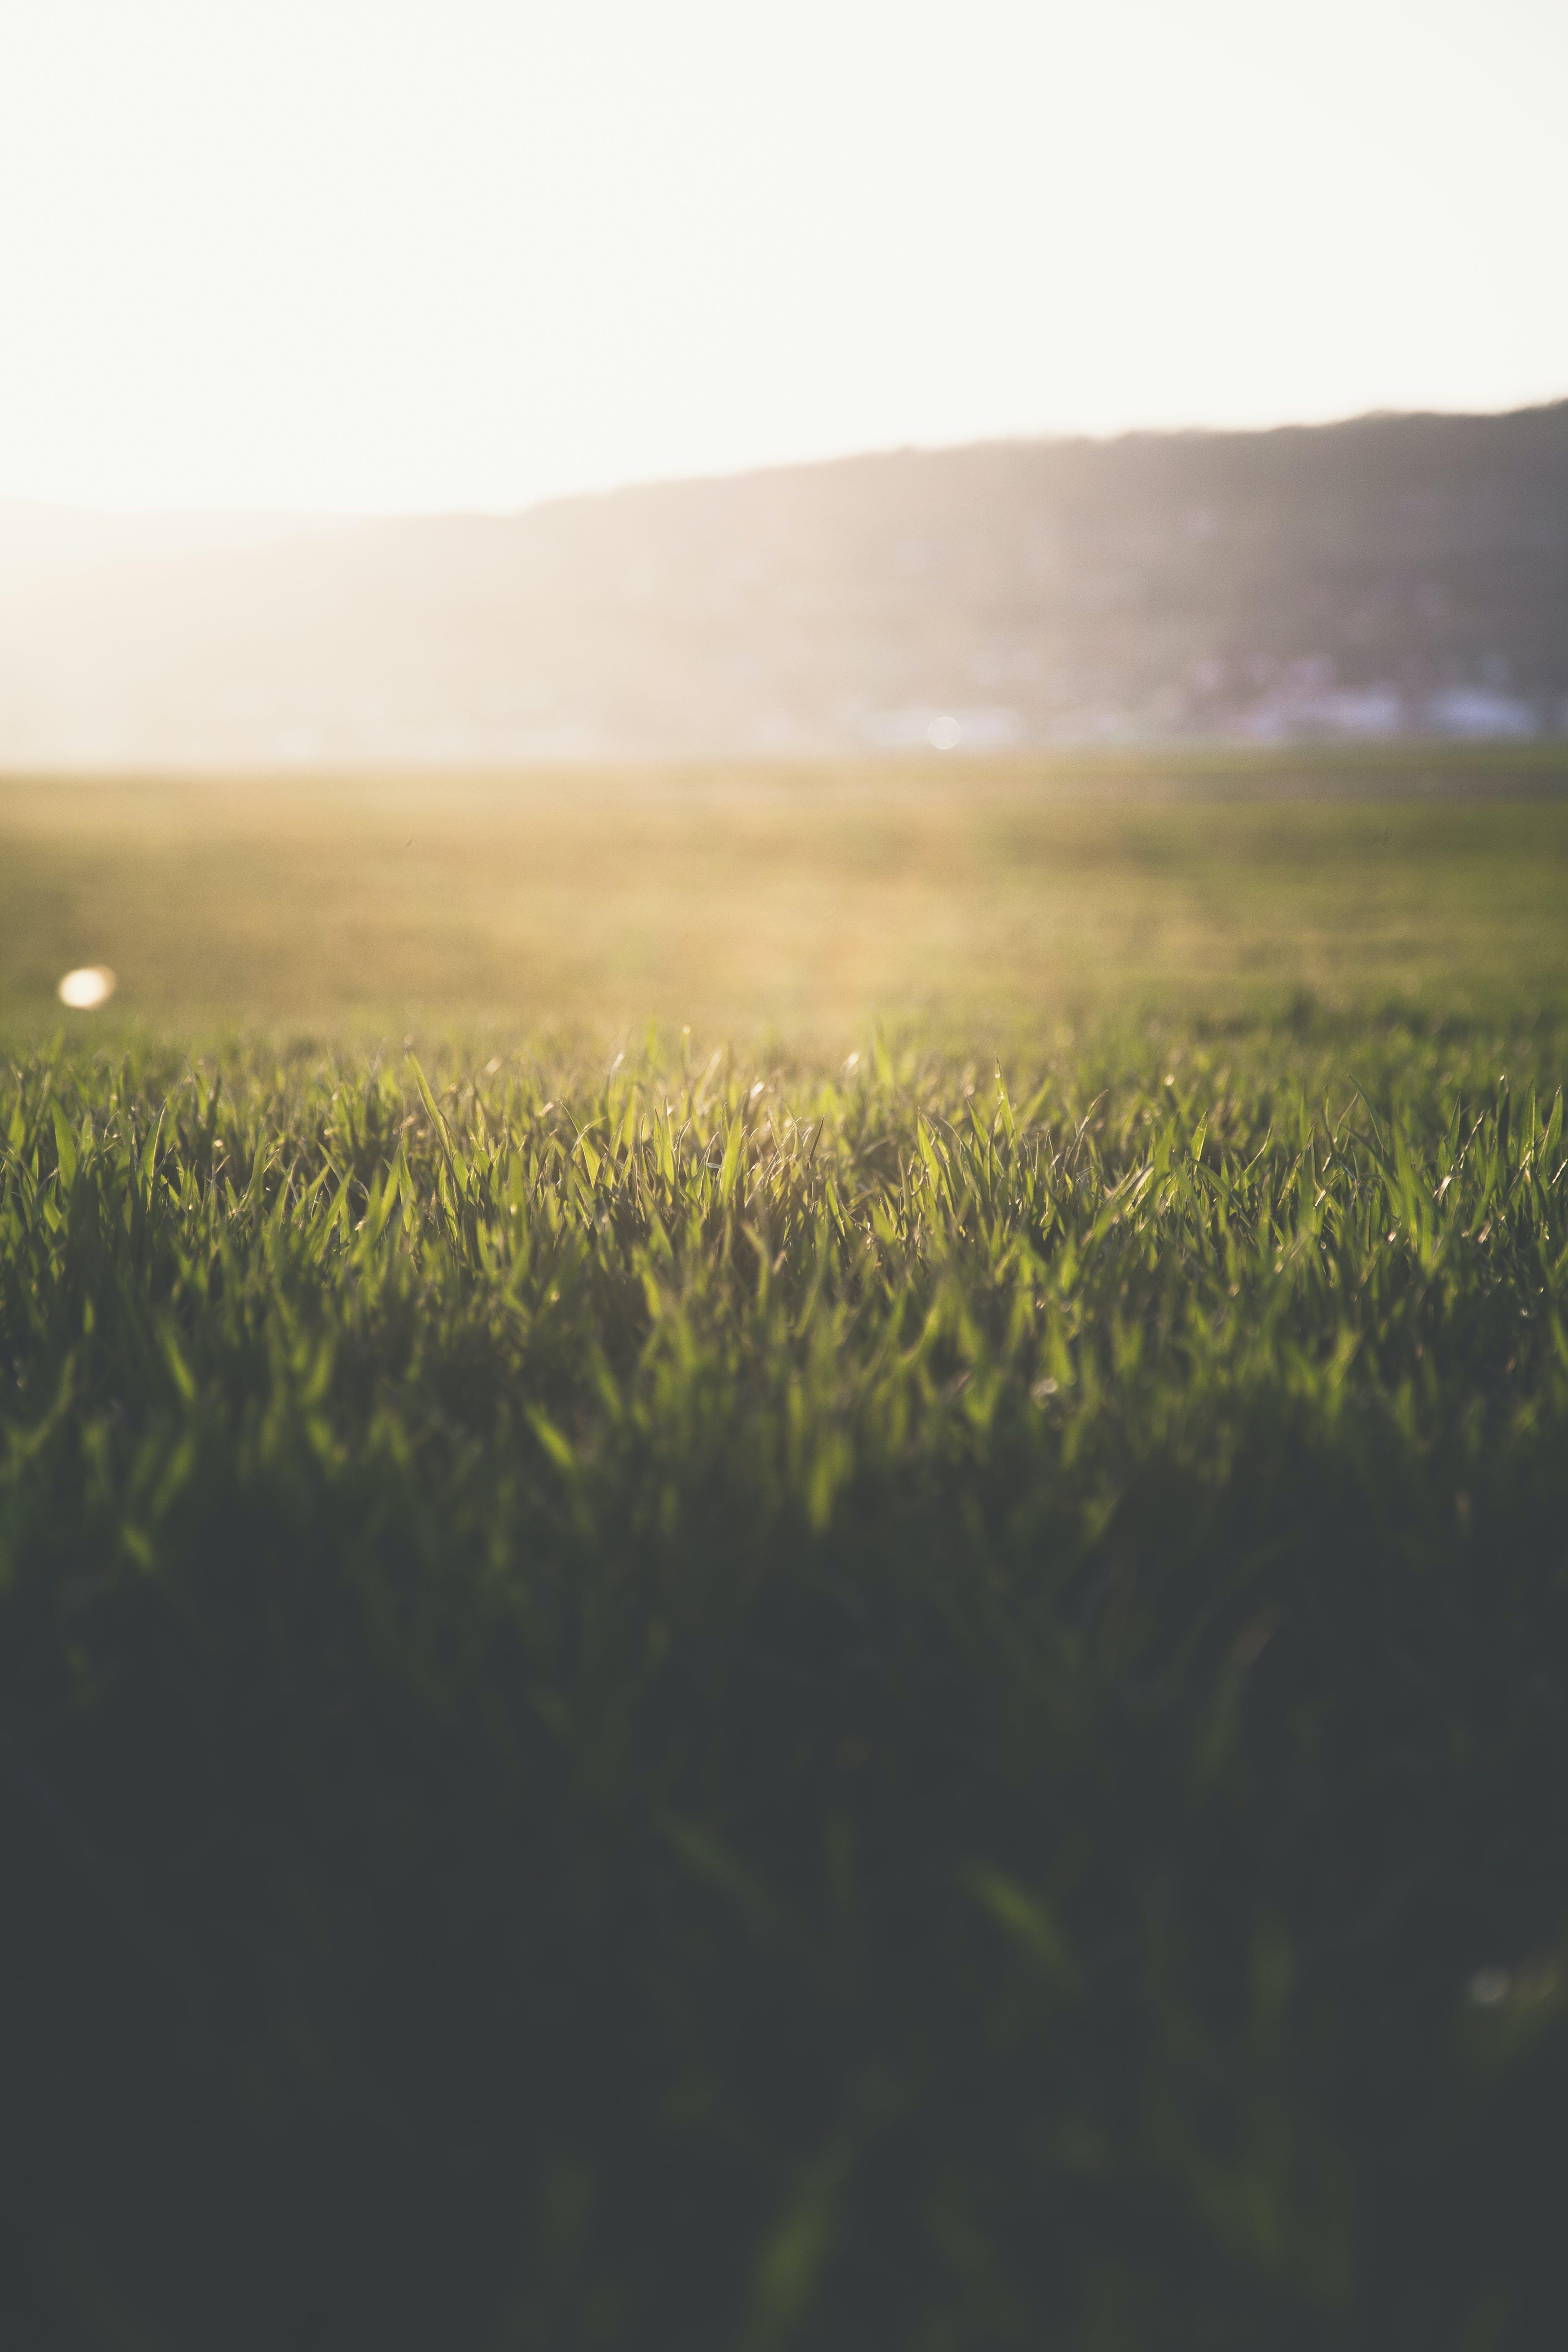 Gratis arkivbilde med åker, gress, gressfelt, gressmark